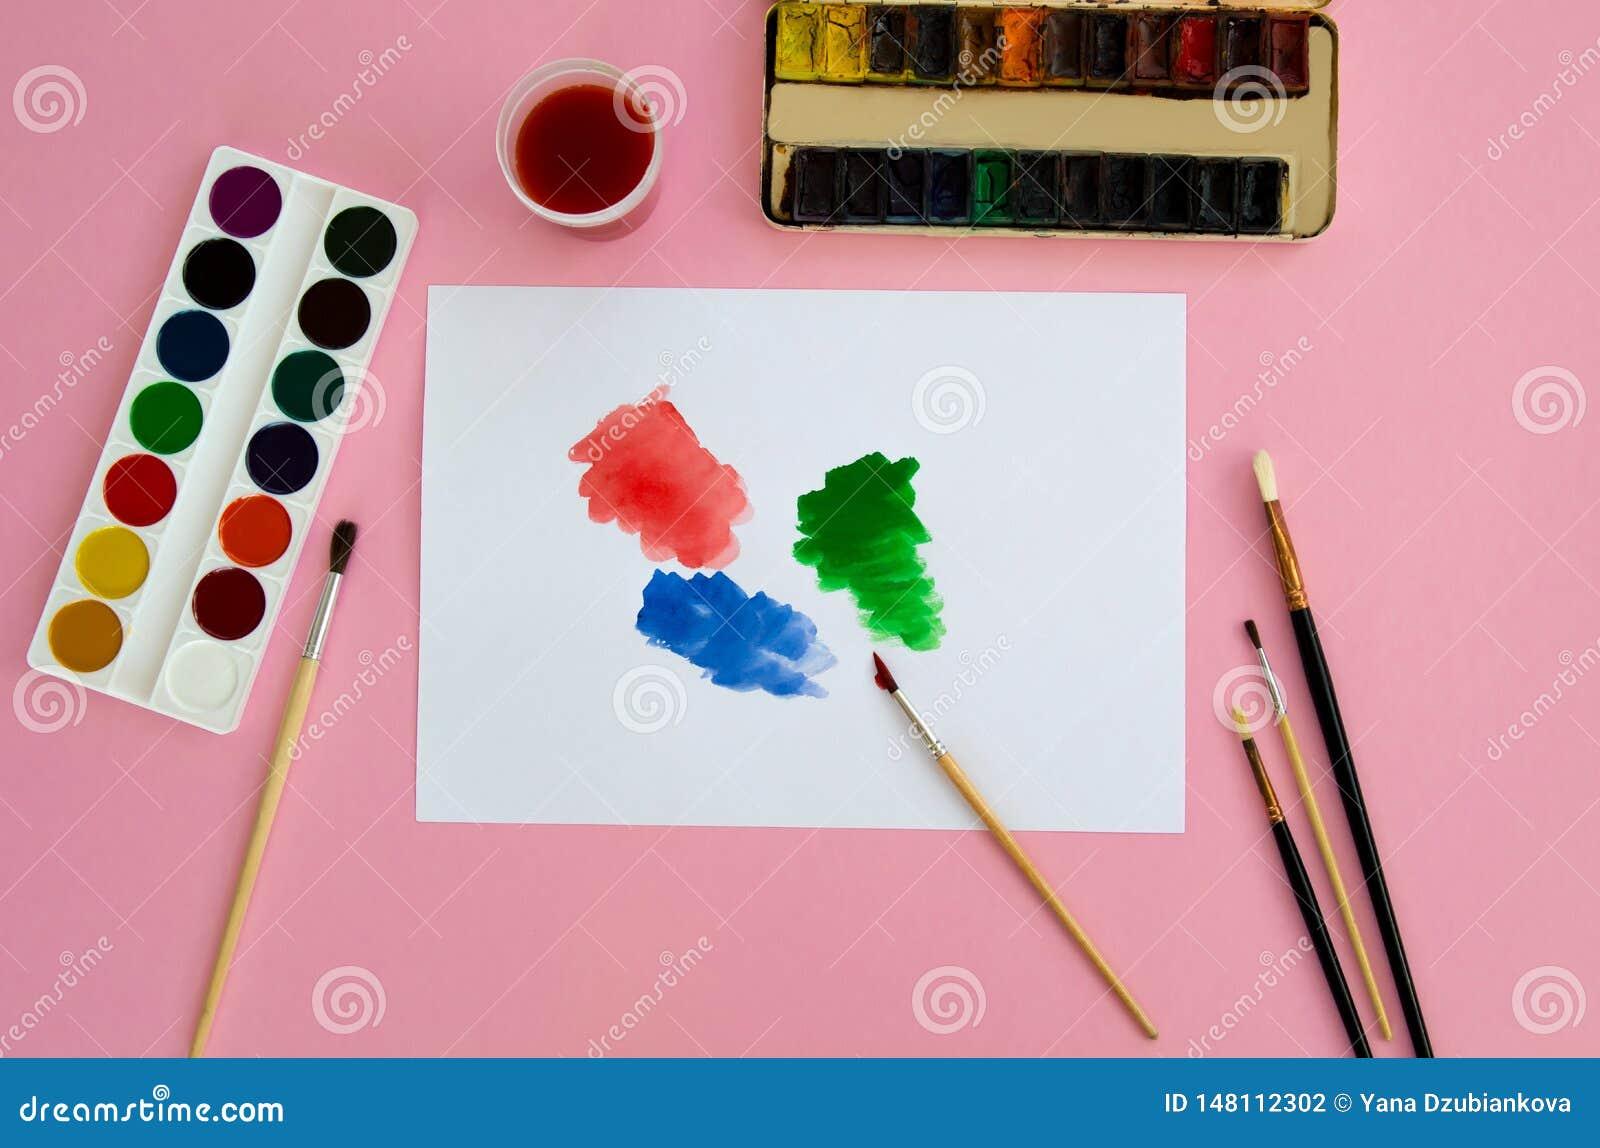 Τα πολύχρωμα αντικείμενα για το σχέδιο και η δημιουργικότητα για τα παιδιά βρίσκονται σε ένα ρόδινο υπόβαθρο Φωτεινά χρώματα wate